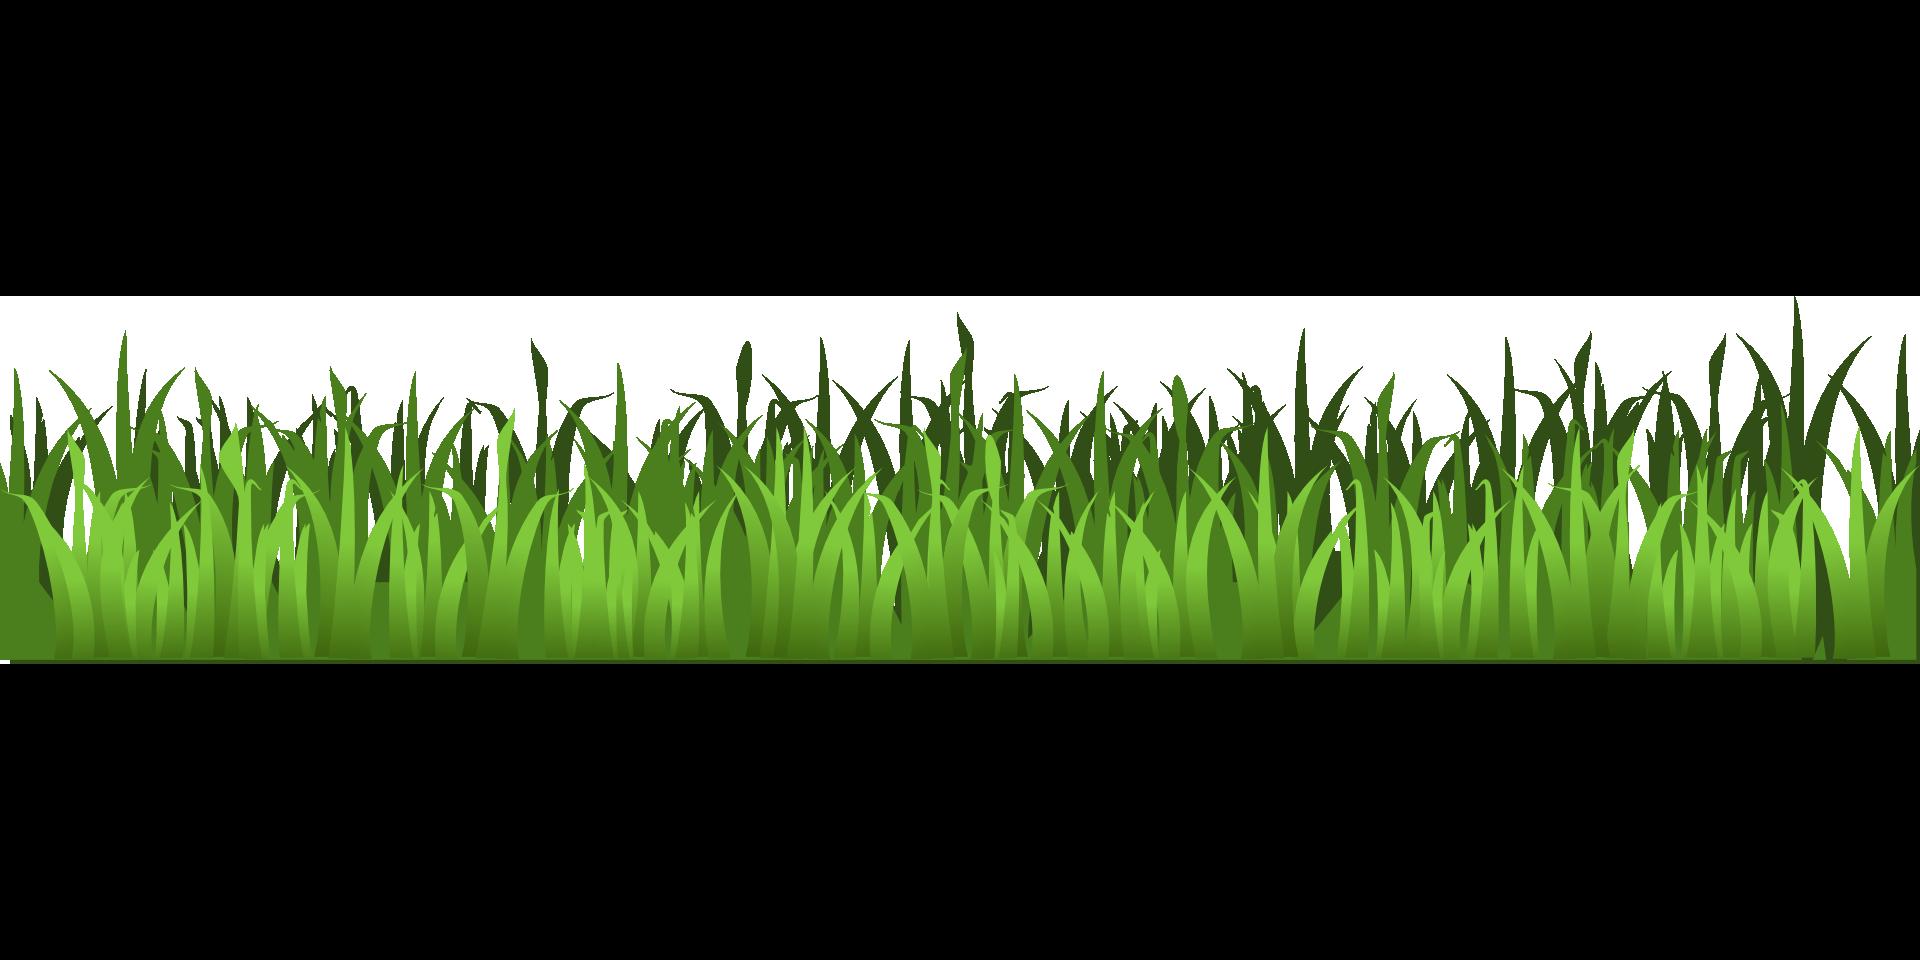 Grass clip art to Grass Clipart 2